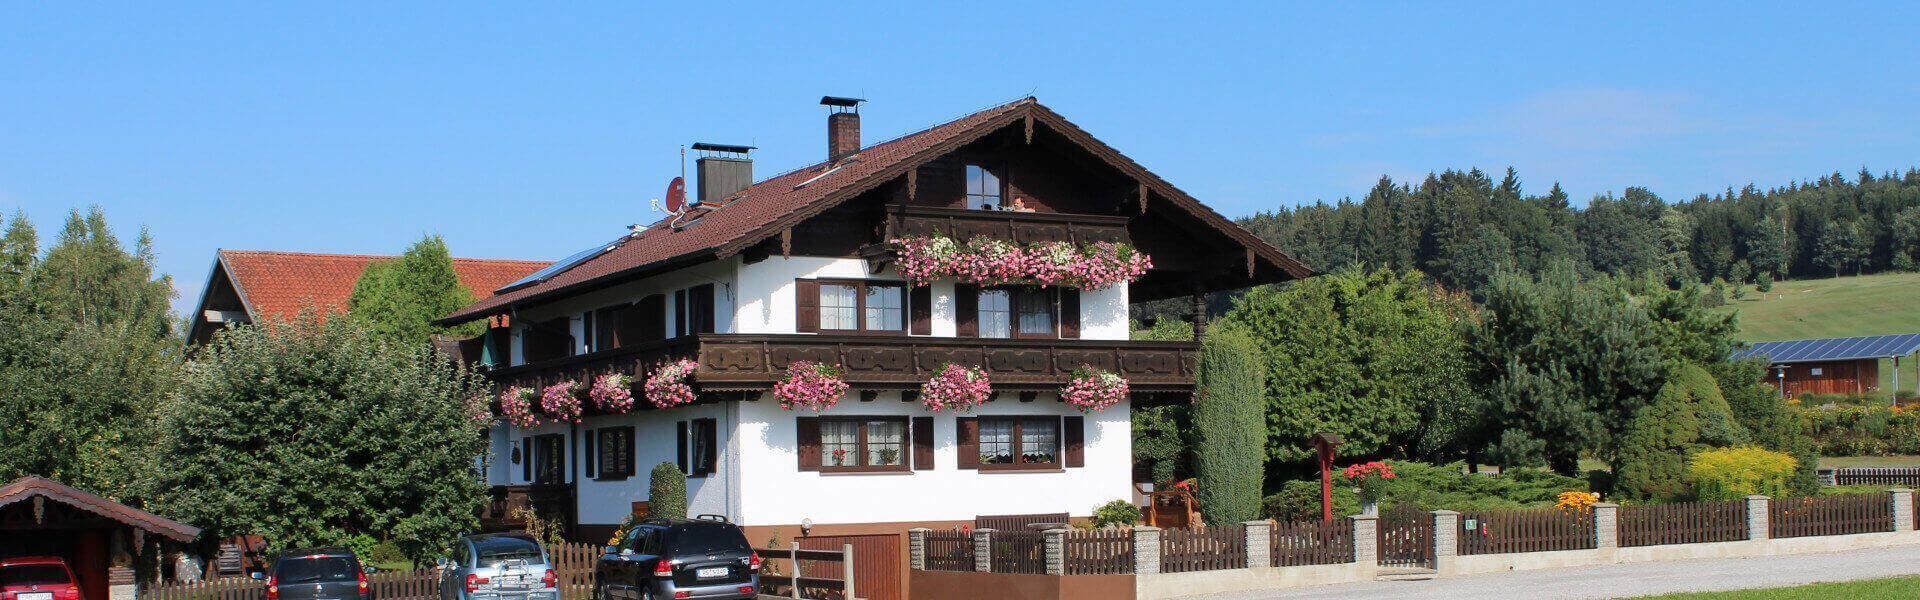 Landhaus Müller Ferienwohnungen in Bad Birnbach